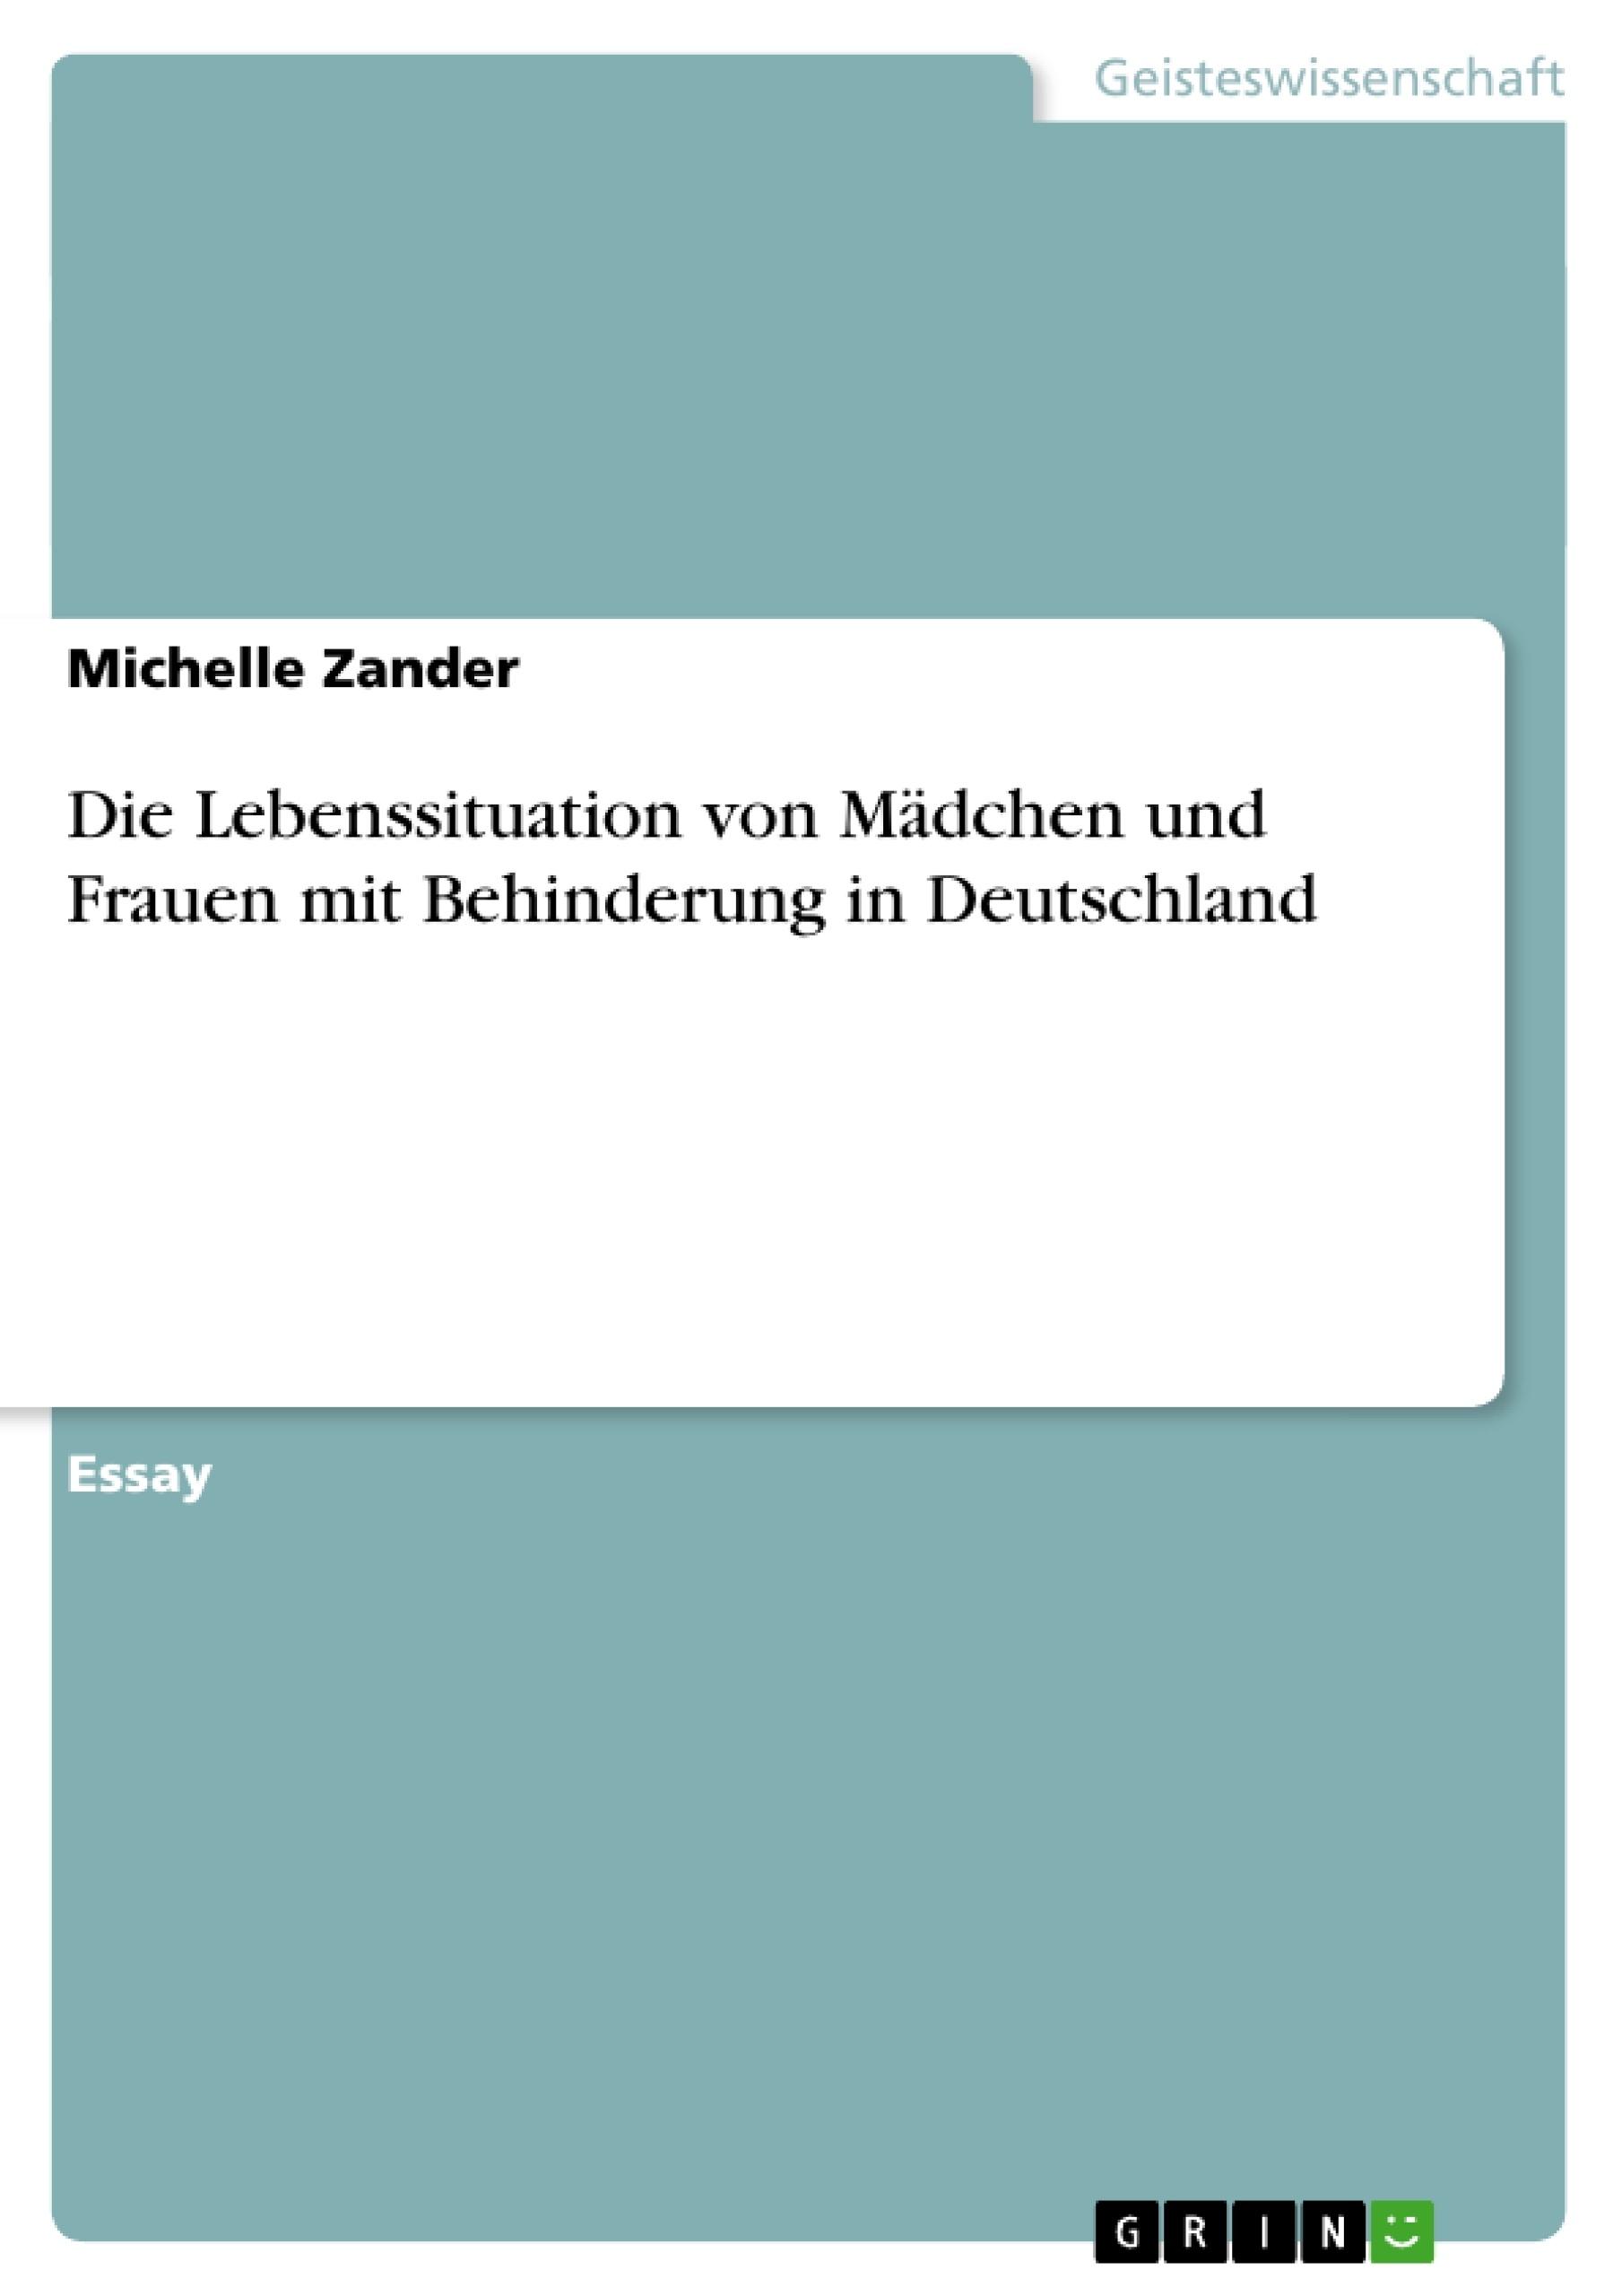 Titel: Die Lebenssituation von Mädchen und Frauen mit Behinderung in Deutschland